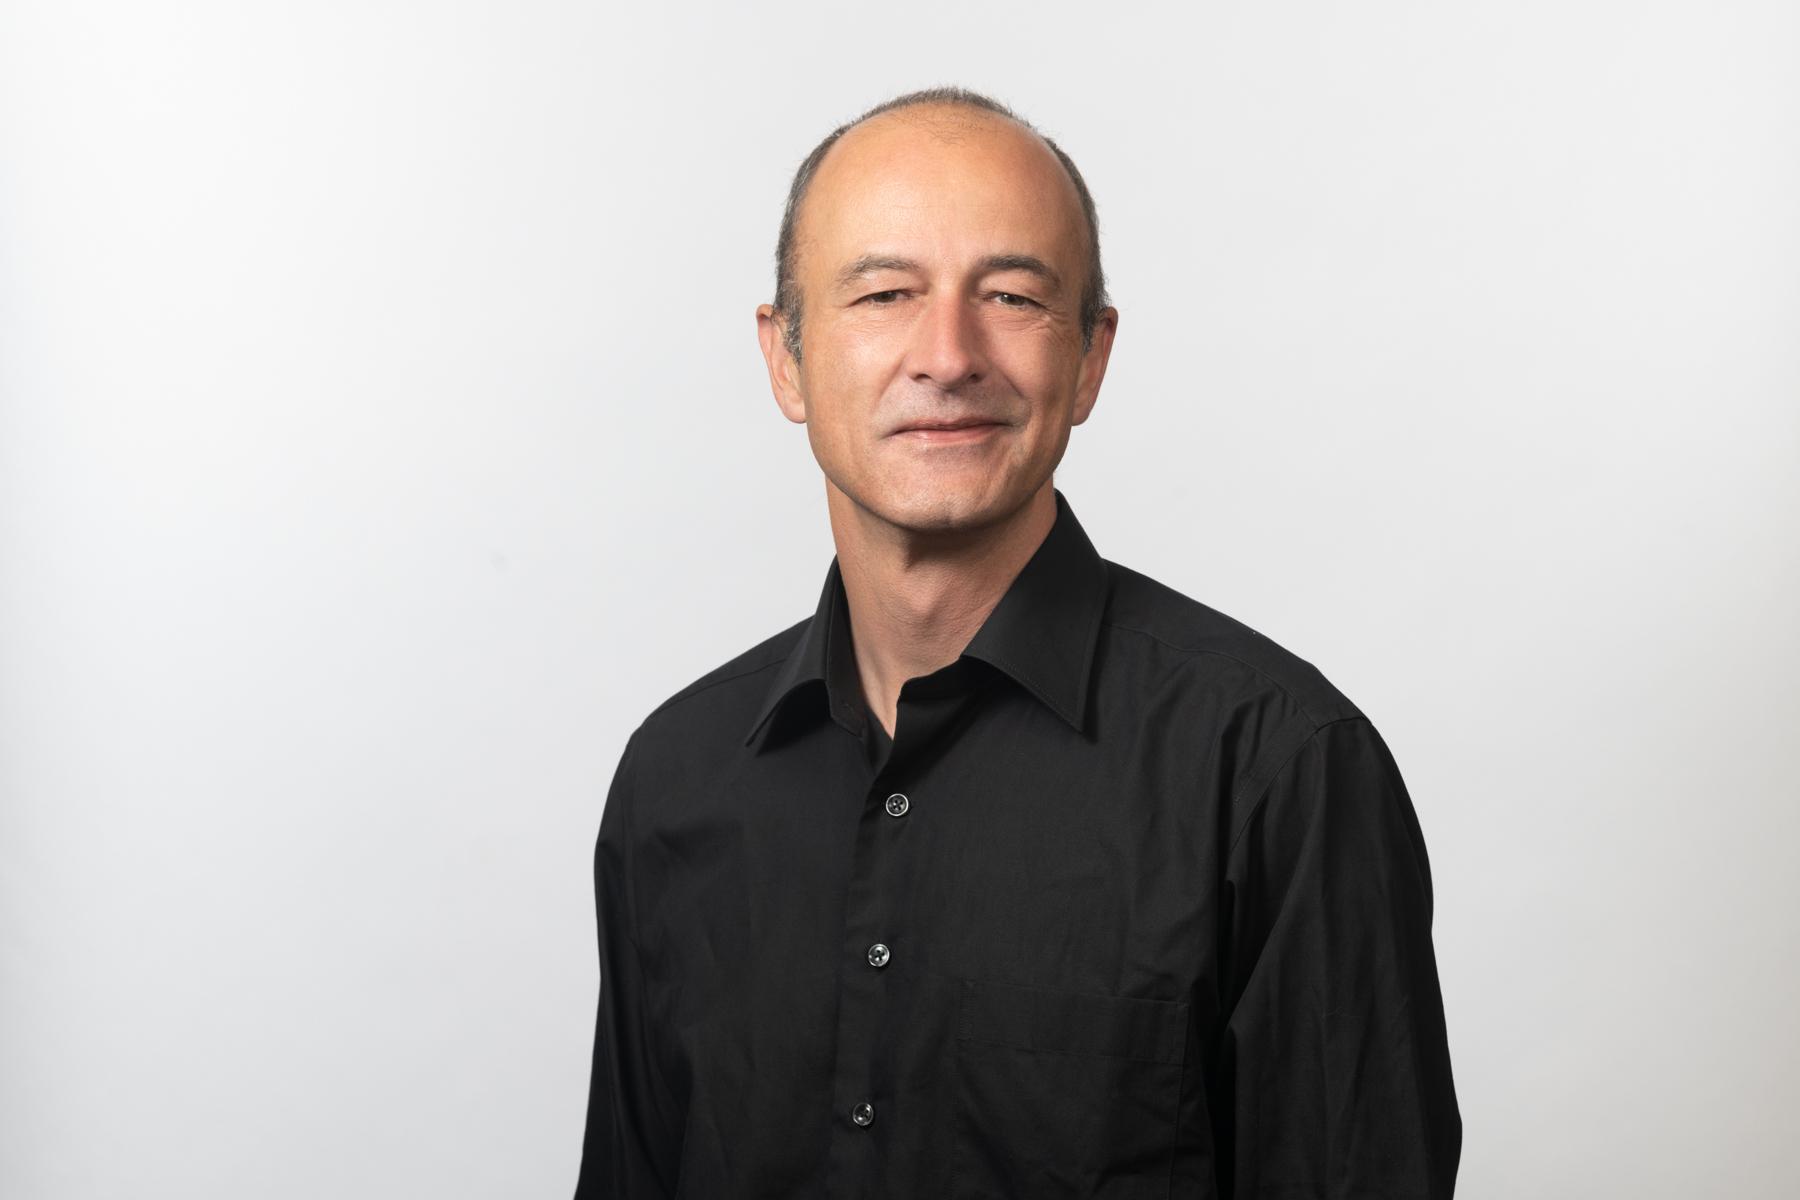 Bruno Meier